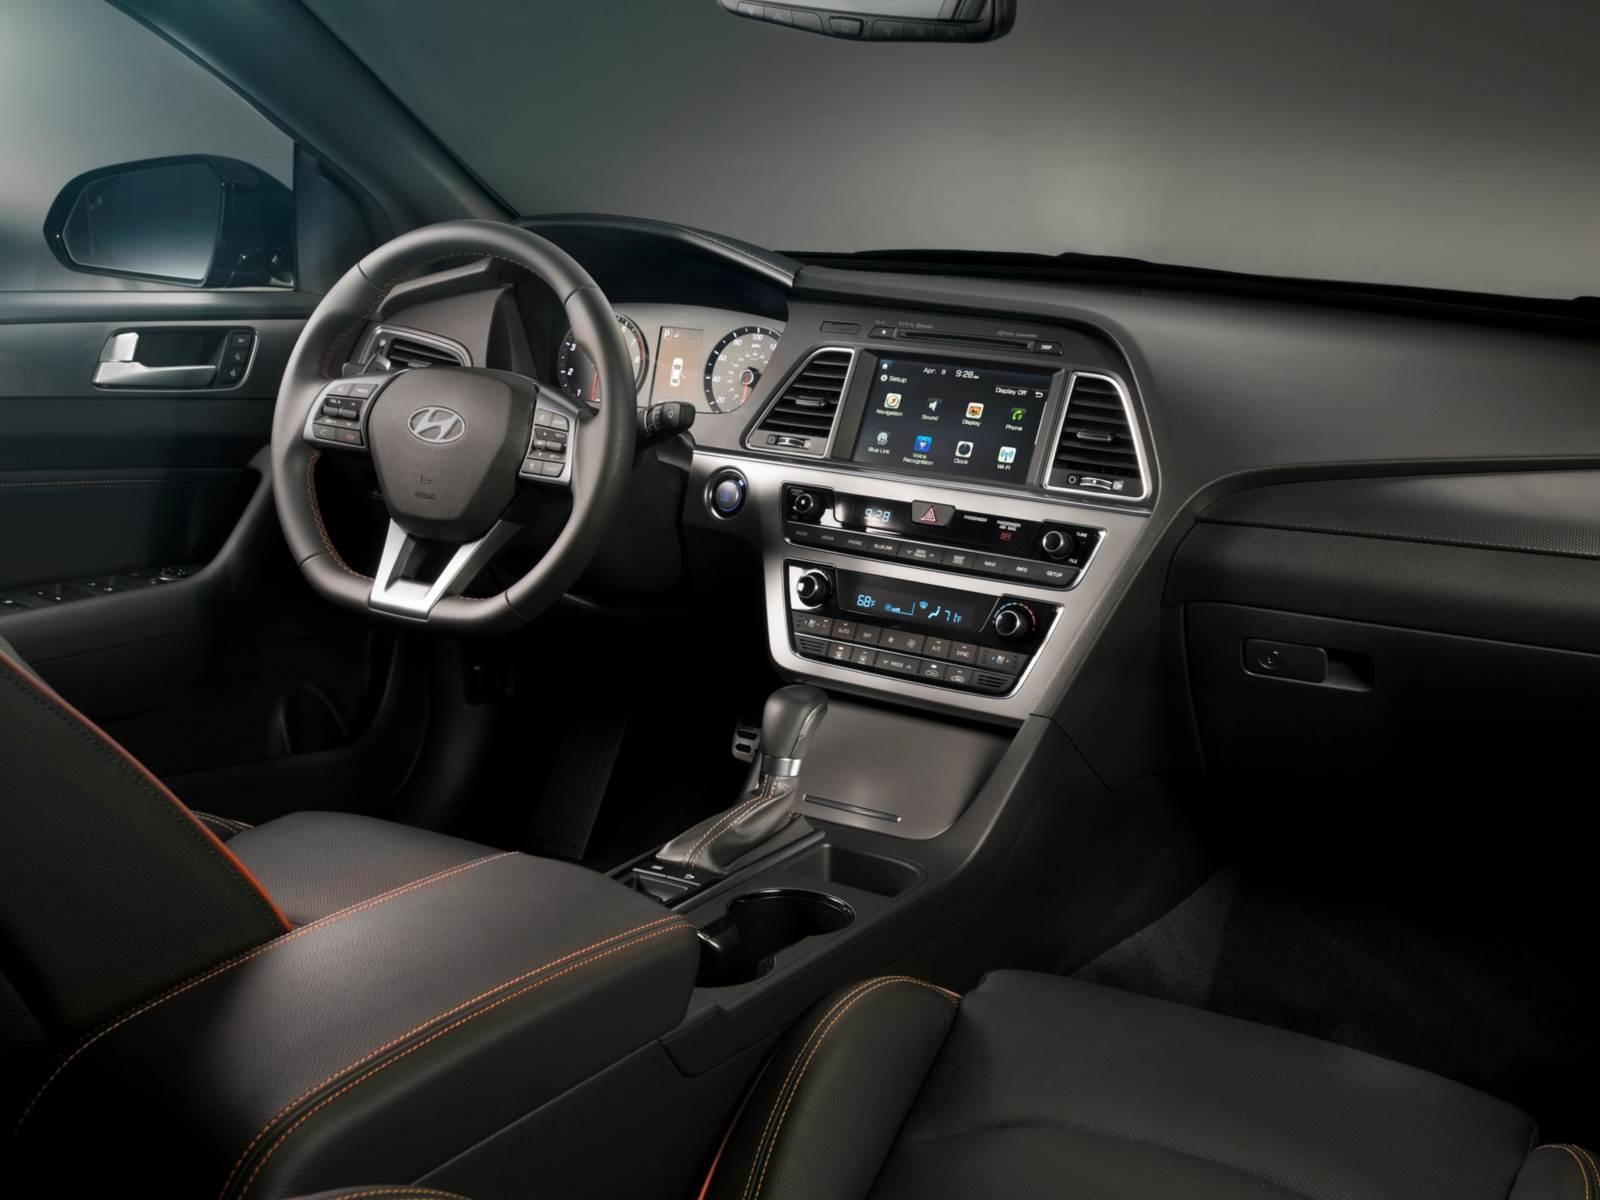 Novo Hyundai Sonata 2015 Chega Aos Eua Pre 231 O R 47 Mil